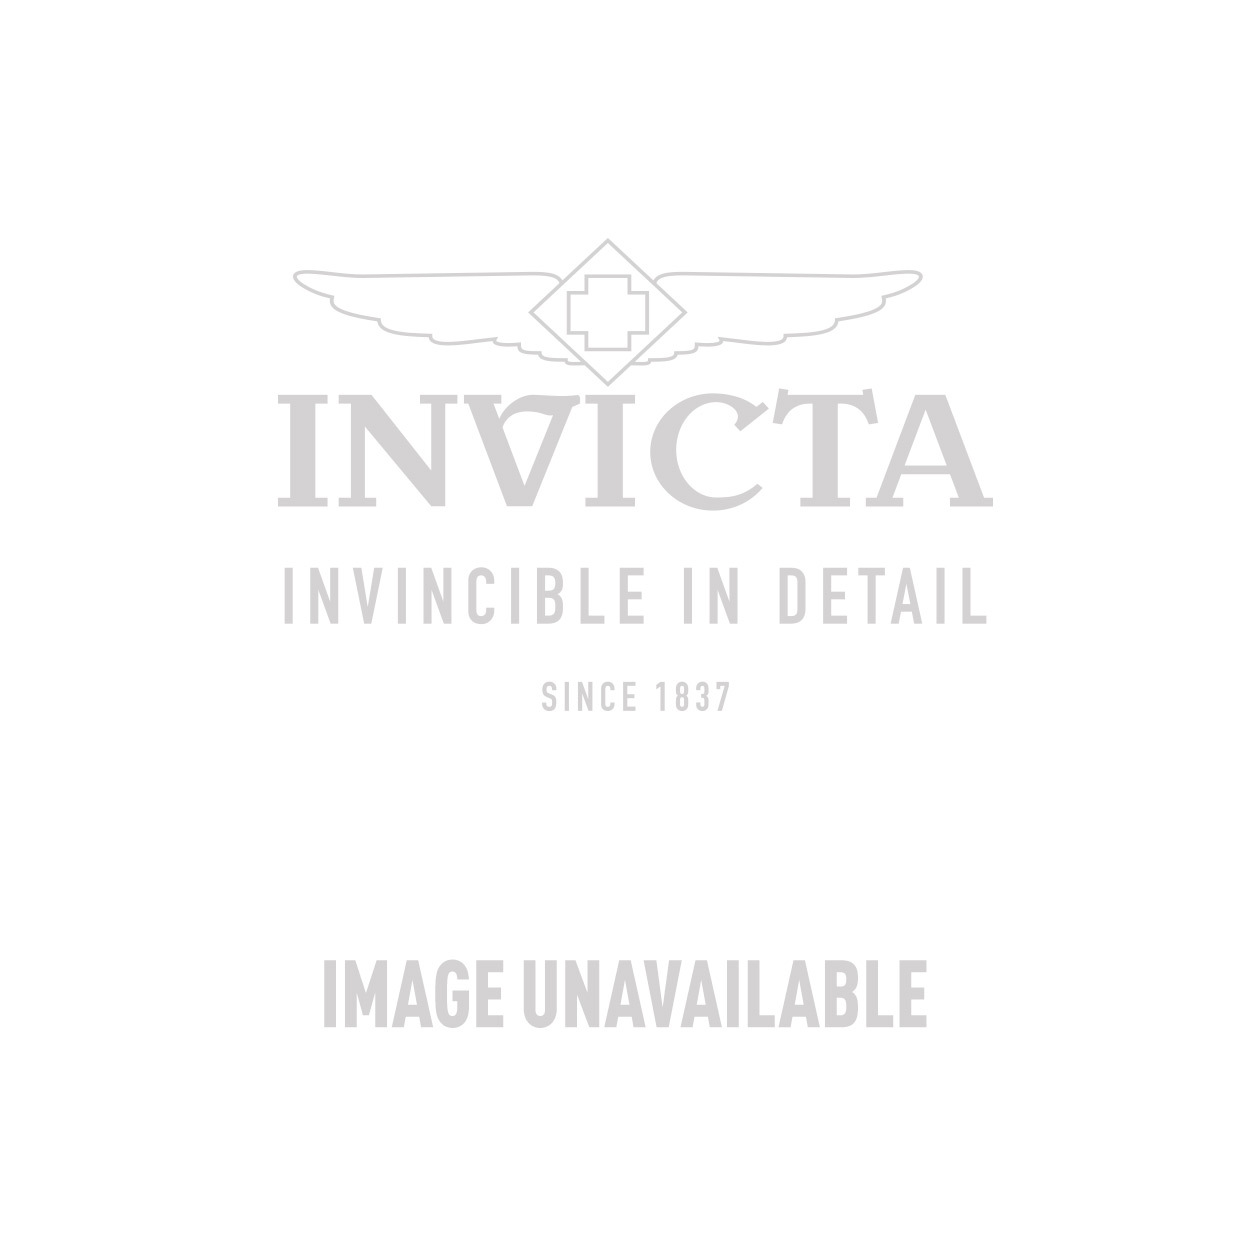 Invicta Model 21875